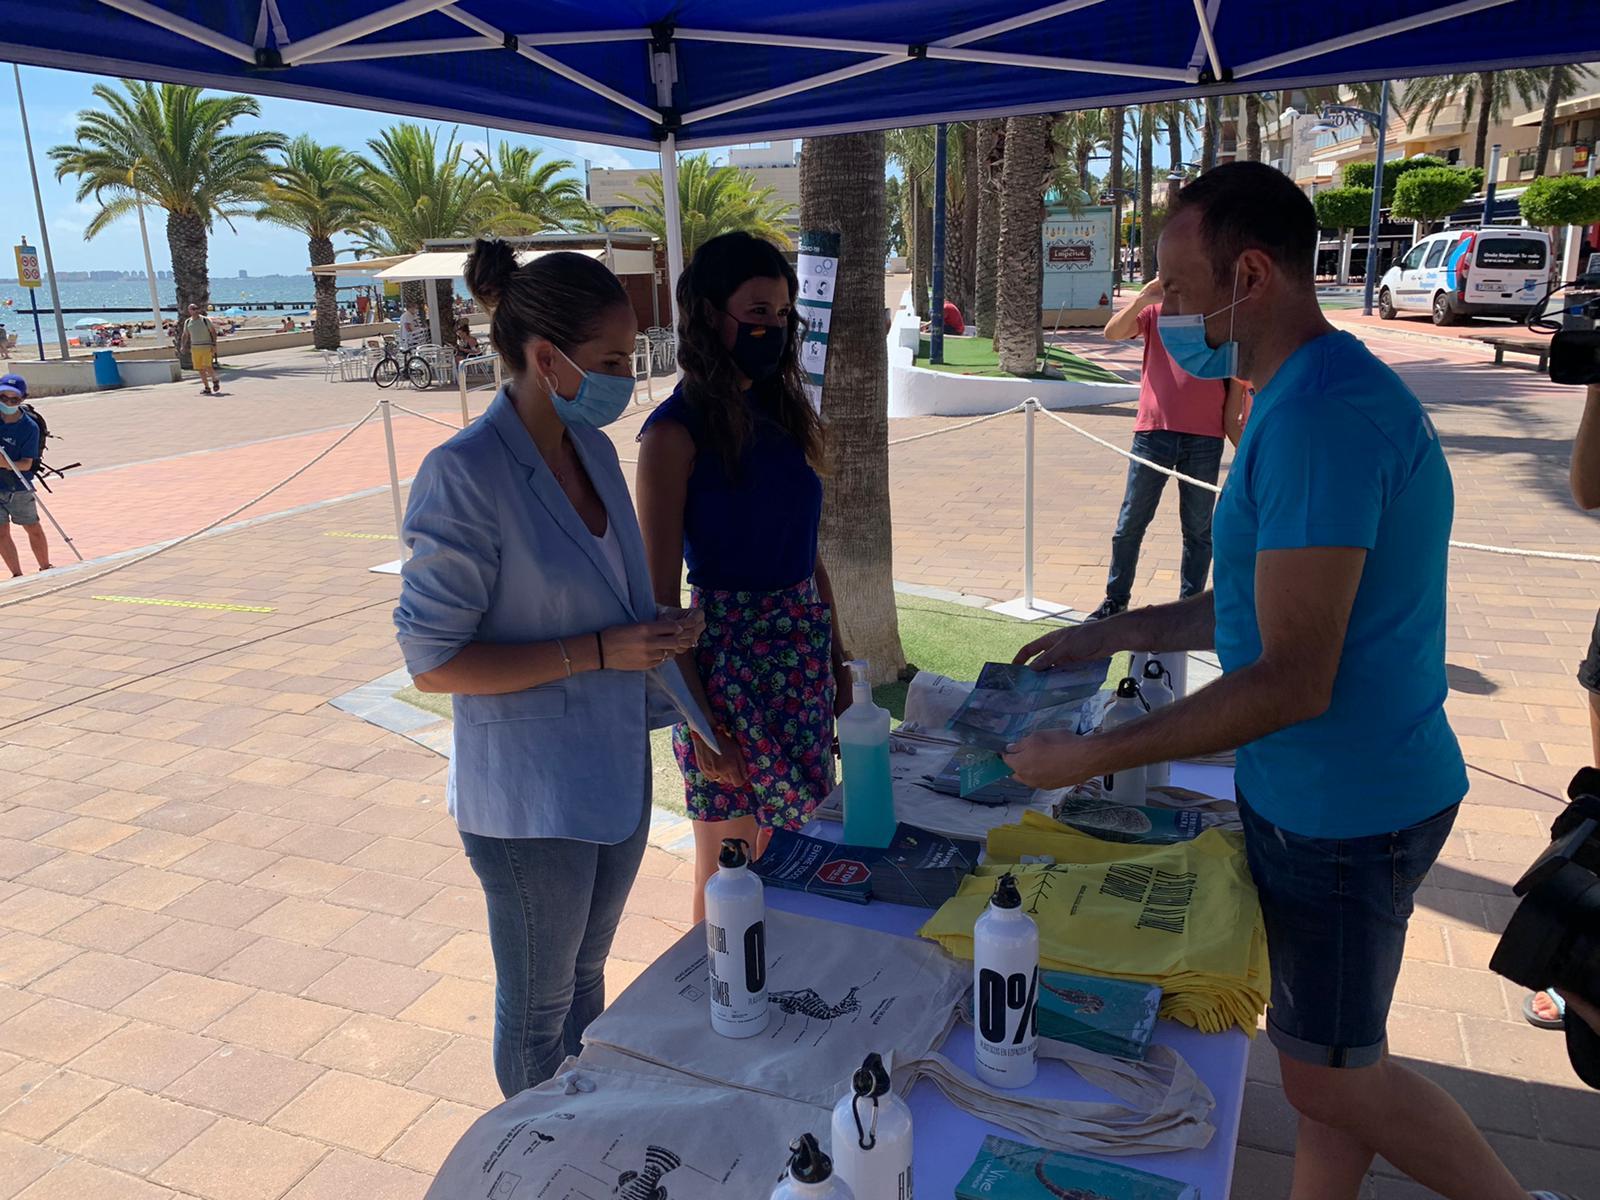 La directora general del Mar Menor, Miriam Pérez, presentando la campaña de sensibilización ambiental 'Mar Menor 2020'